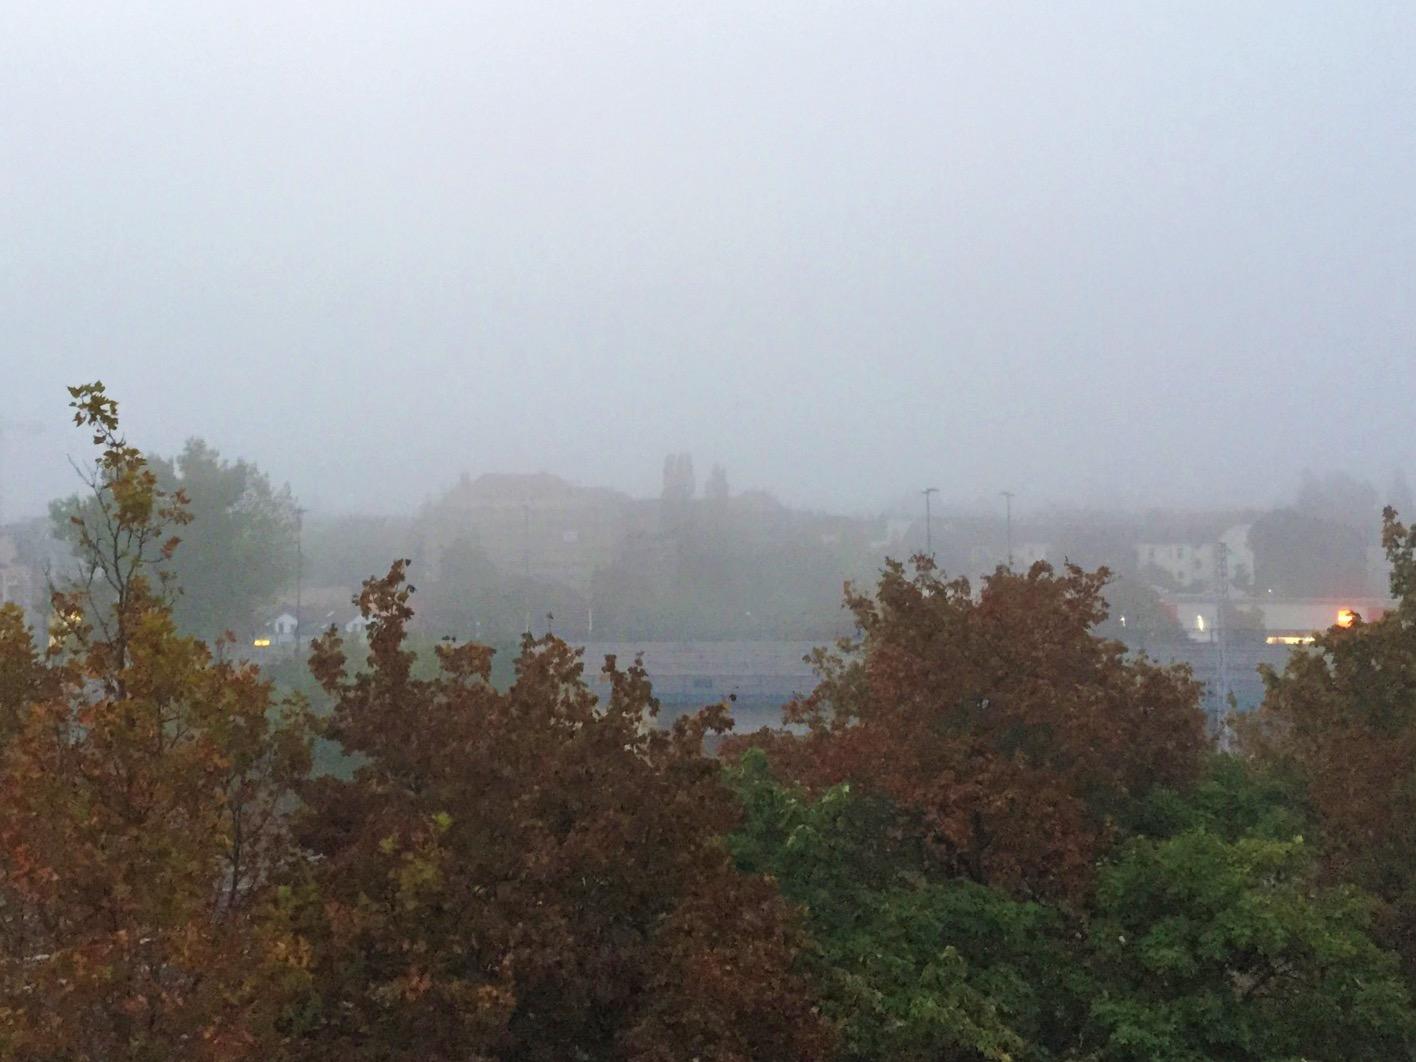 Nebel vom Balkon - Fotoidee für den Herbst